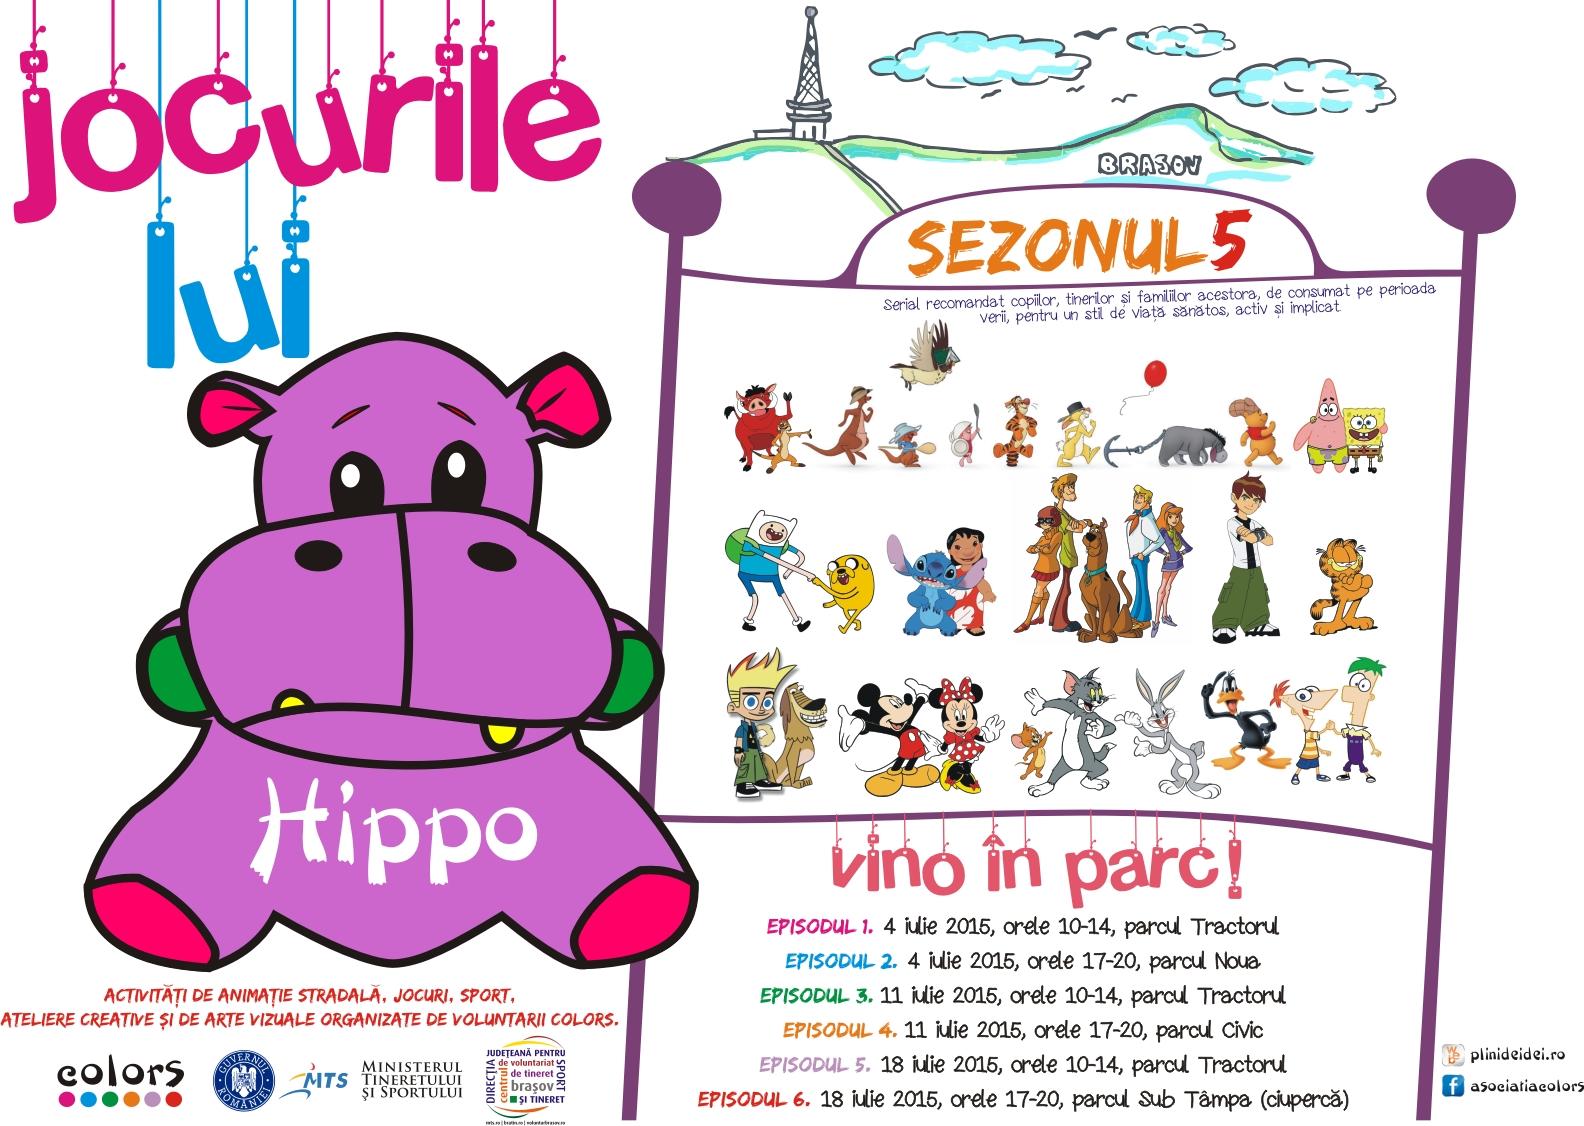 jocurile lui hippo 2015 afis